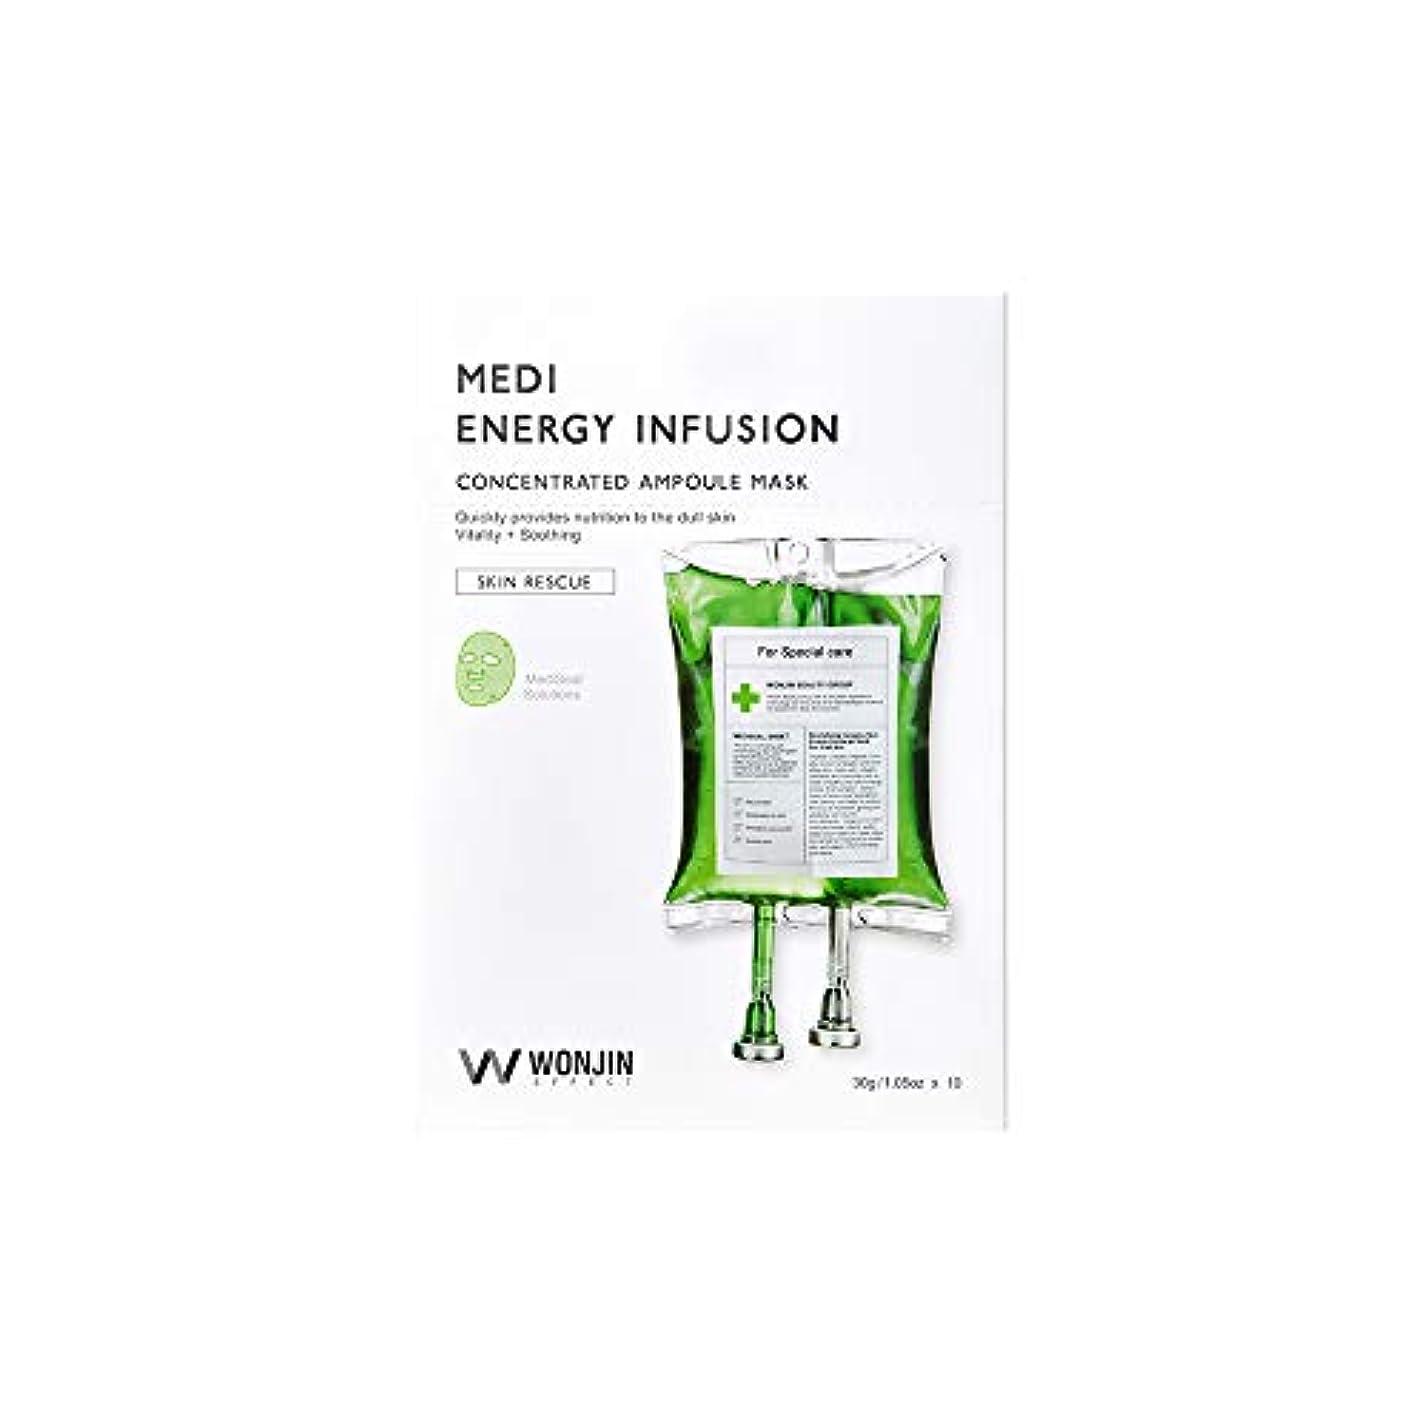 求める酸度良さ[WONJIN EFFECT] メディア エネルギー インフュージョン マスク MEDI ENERGY INFUSION MASK 10EA [